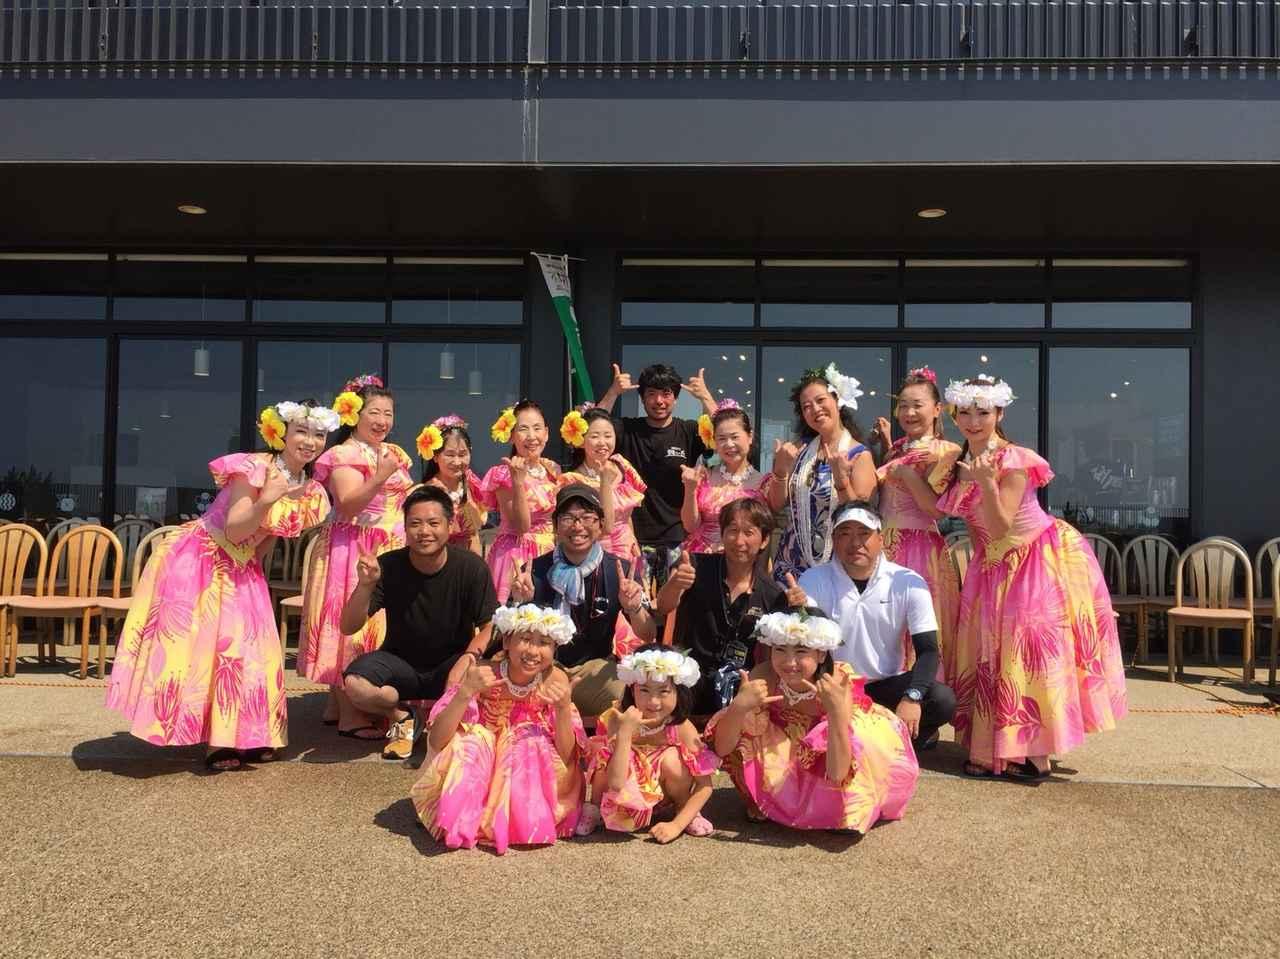 画像4: 【国内旅行・地域47ヨンナナの旅】「山陰の松島」浦富海岸クルーズと鳥取砂丘イベント 7/14・15開催 192名のお客様がご参加されました